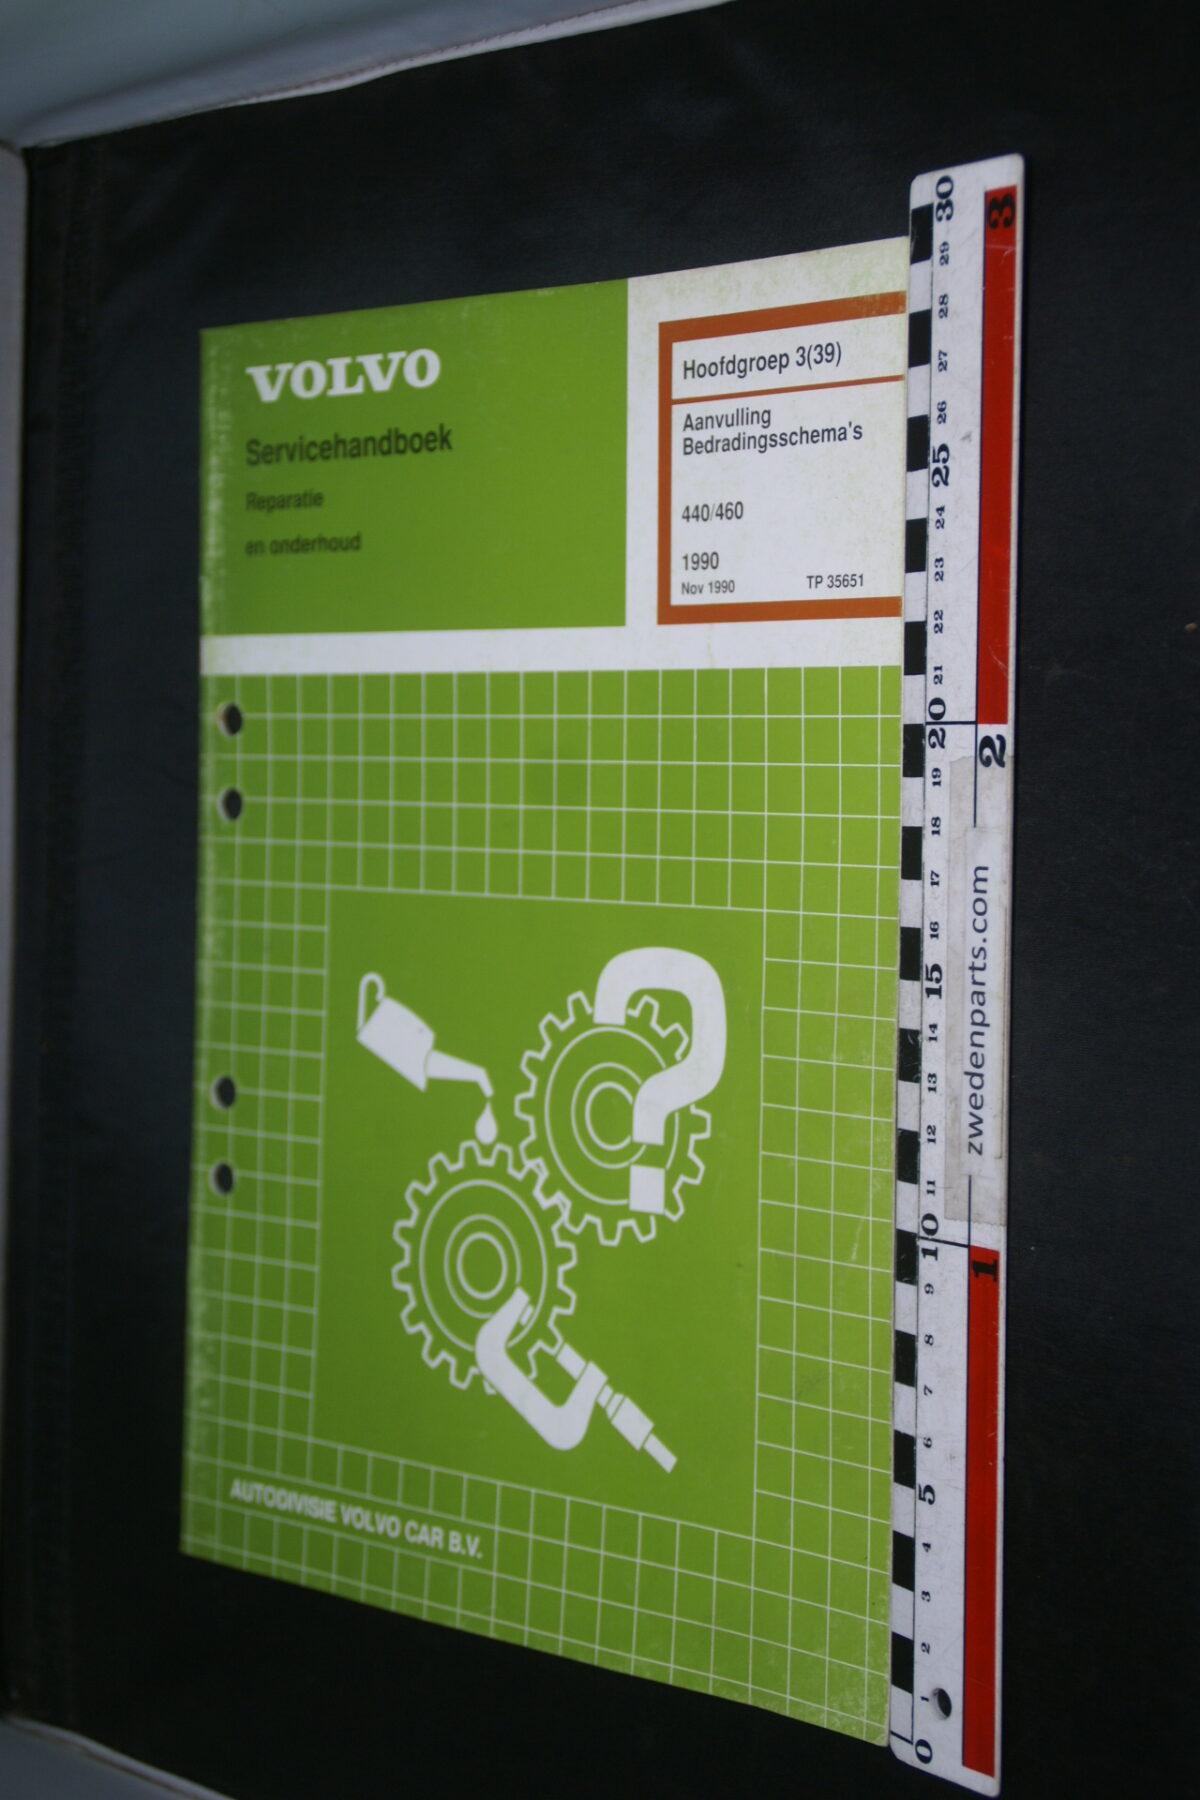 DSC08858 1990 origineel Volvo 440, 460 servicehandboek  3 (39) bedradingsschema 1 van 1.200 TP 35651-1